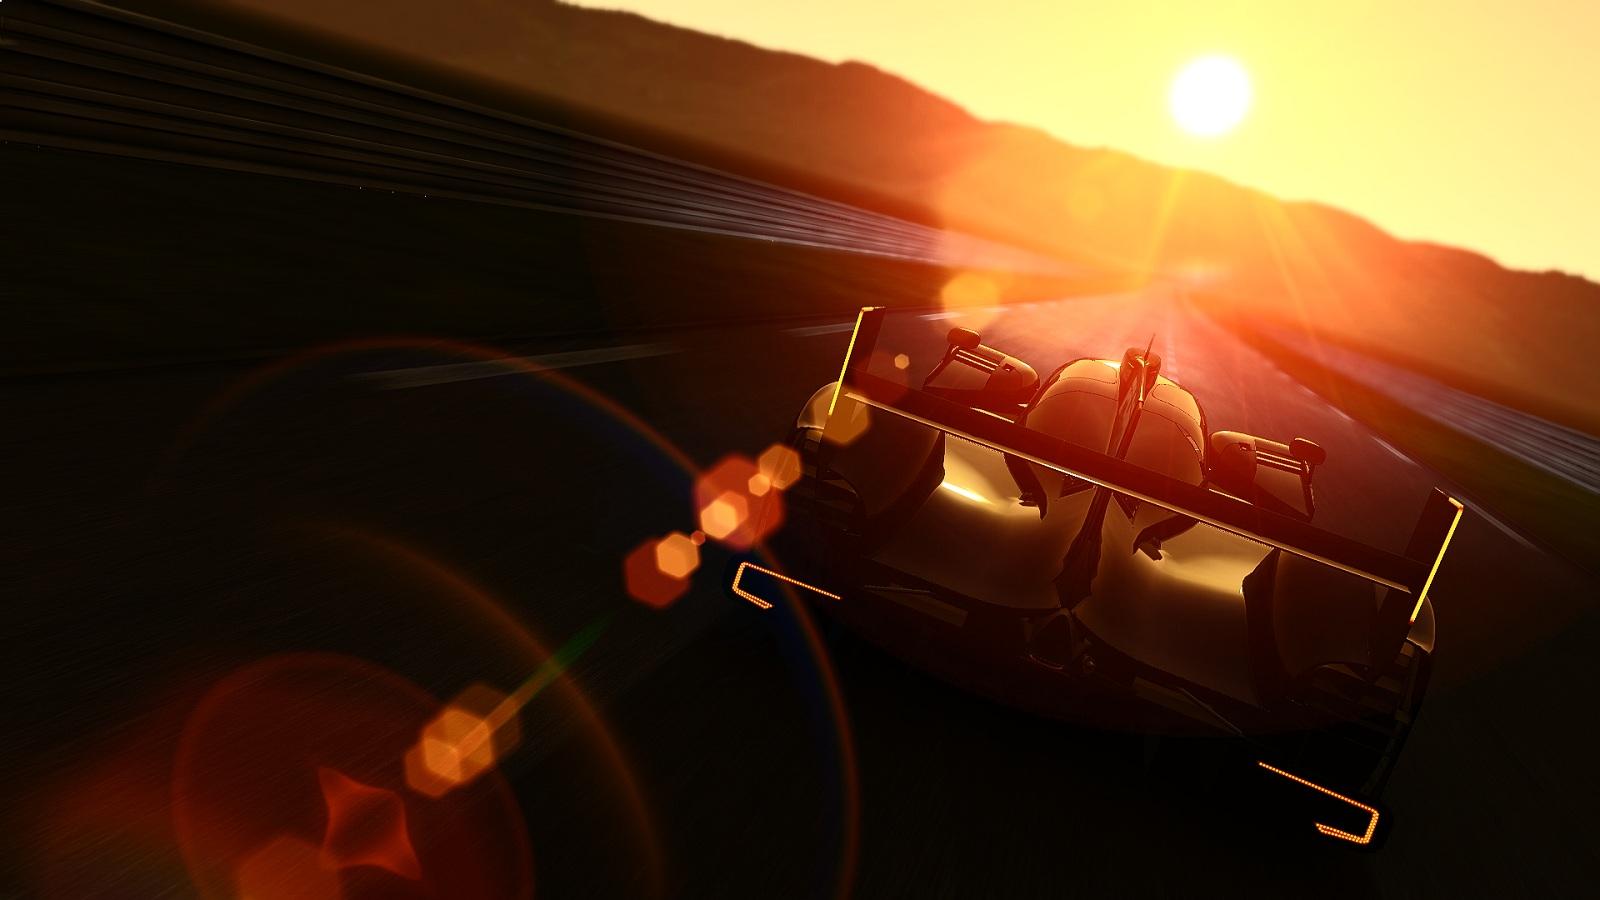 Po týdnu další úchvatné momentky z Project CARS 87285